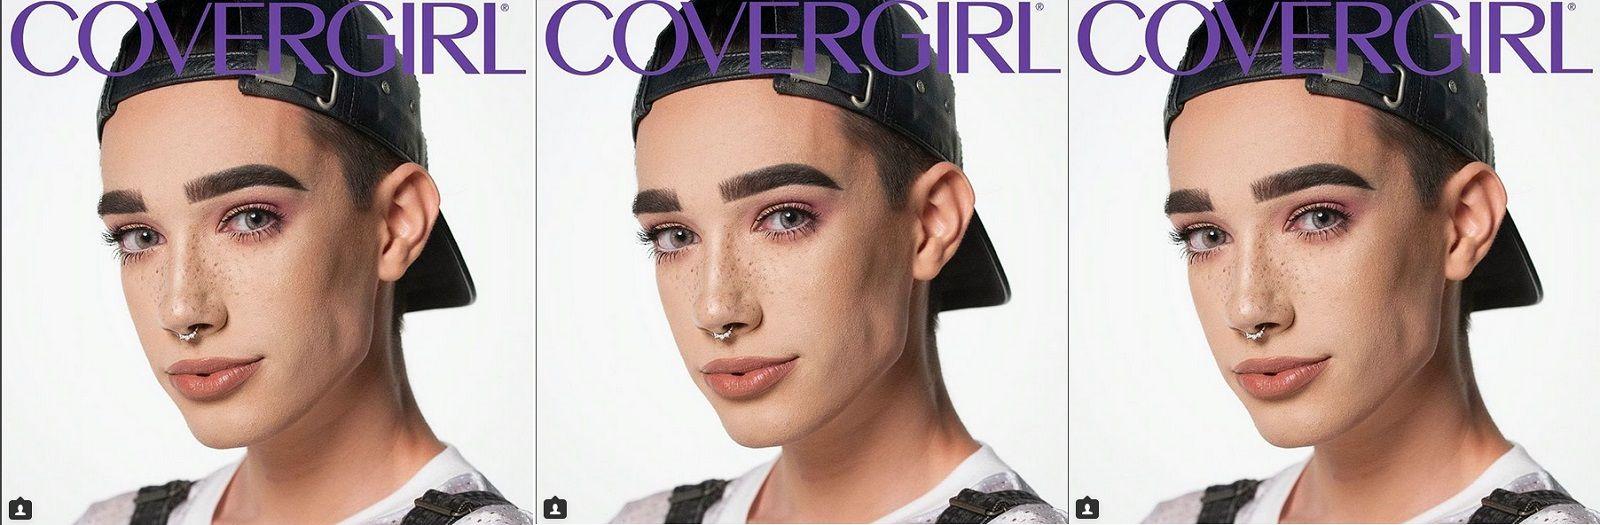 Il primo uomo testimonial di un'azienda di make up